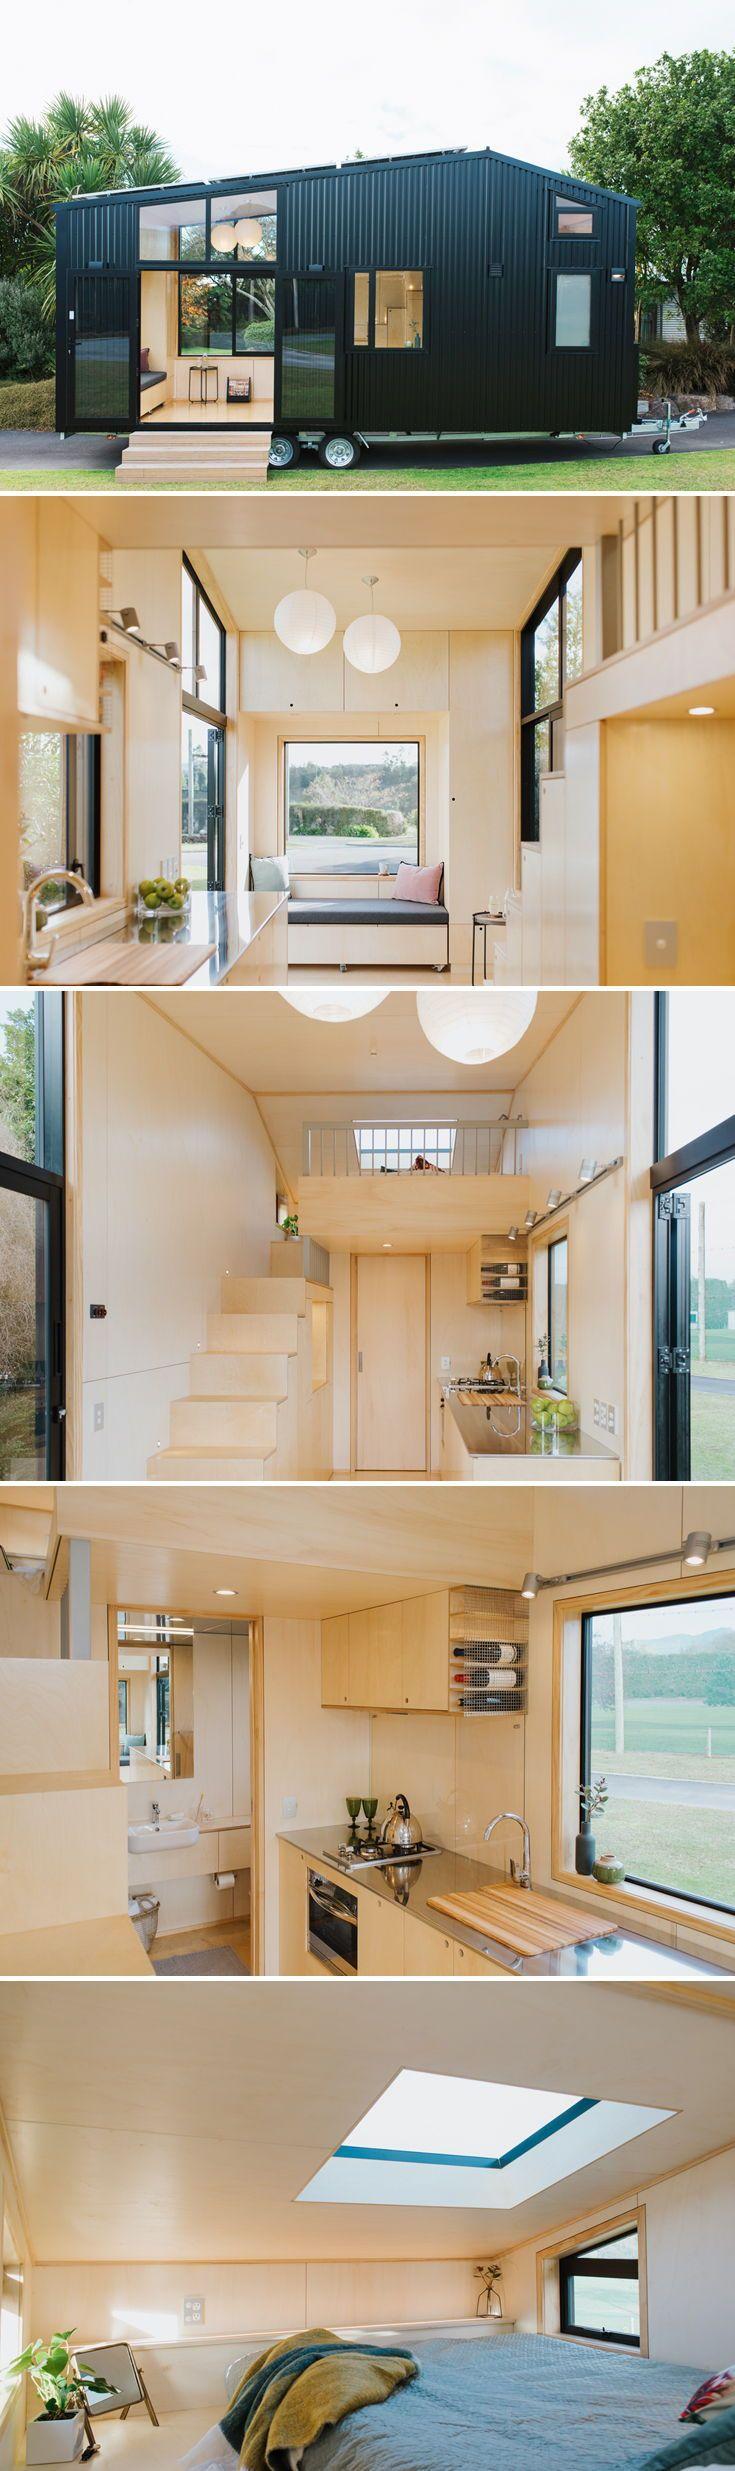 Das First Light Tiny House ist ein von First Light Studio entworfenes …   – •• CABIN ••